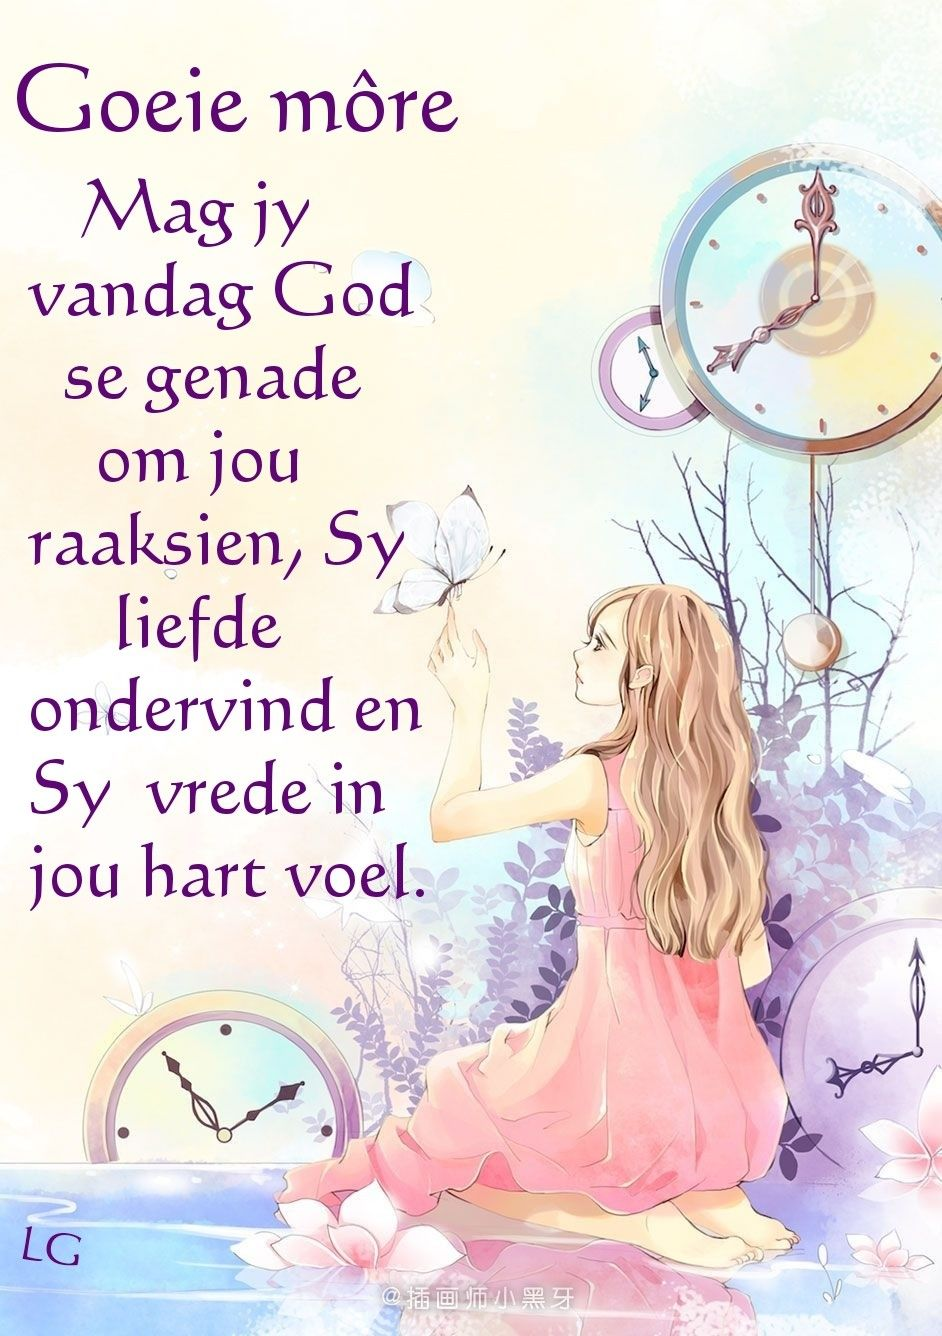 Pin By Magda Jordaan On Groete Vir Almal Pinterest Afrikaans